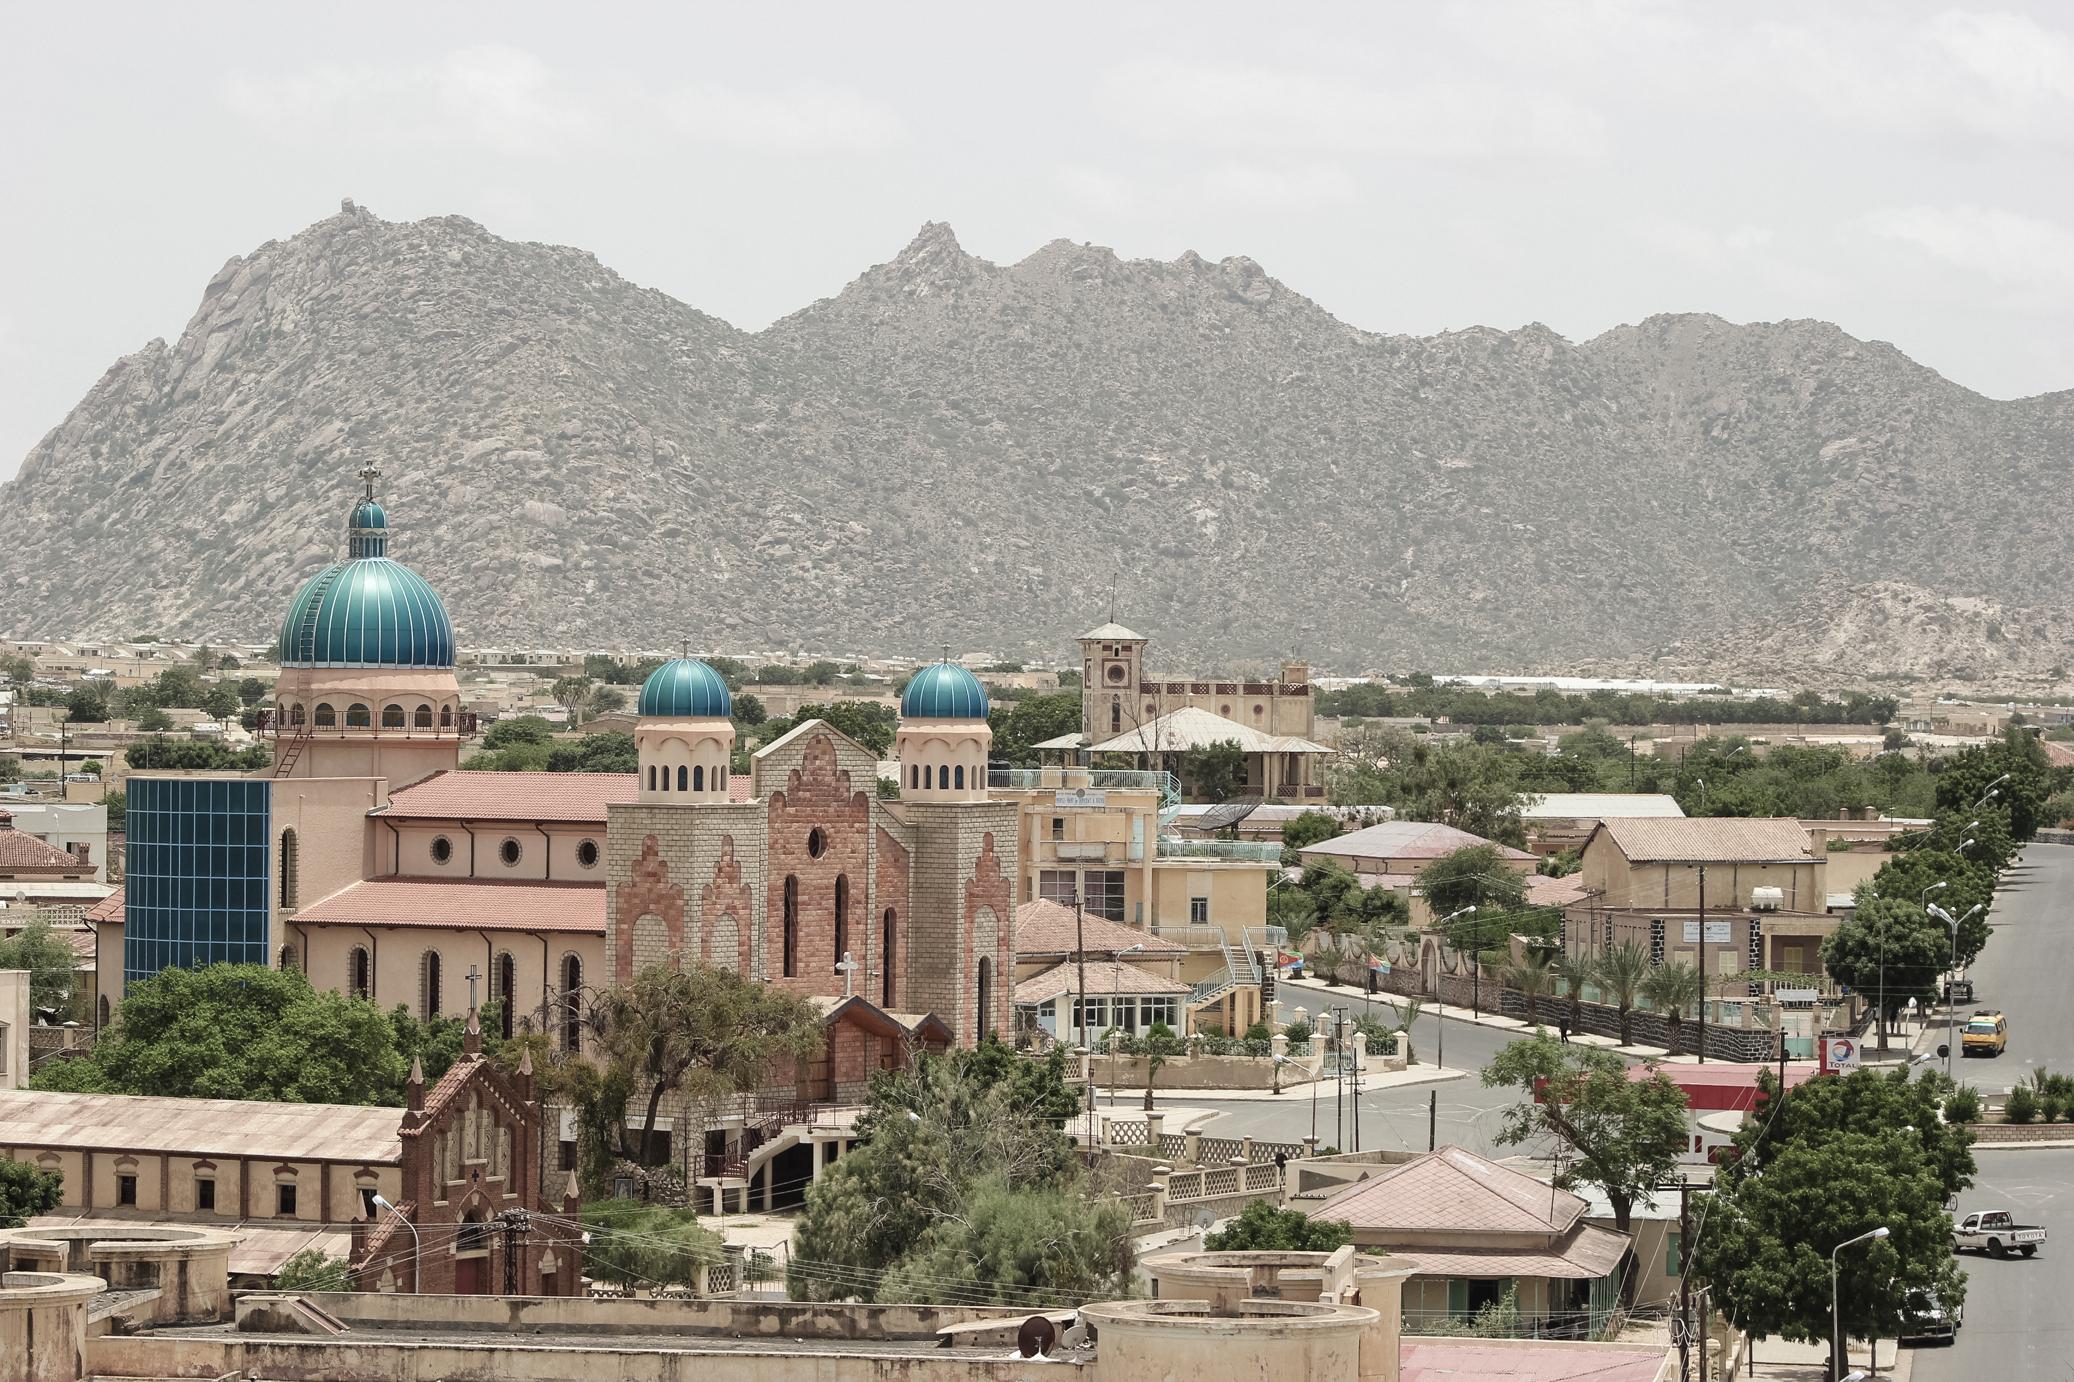 The city of Keren in Eritrea